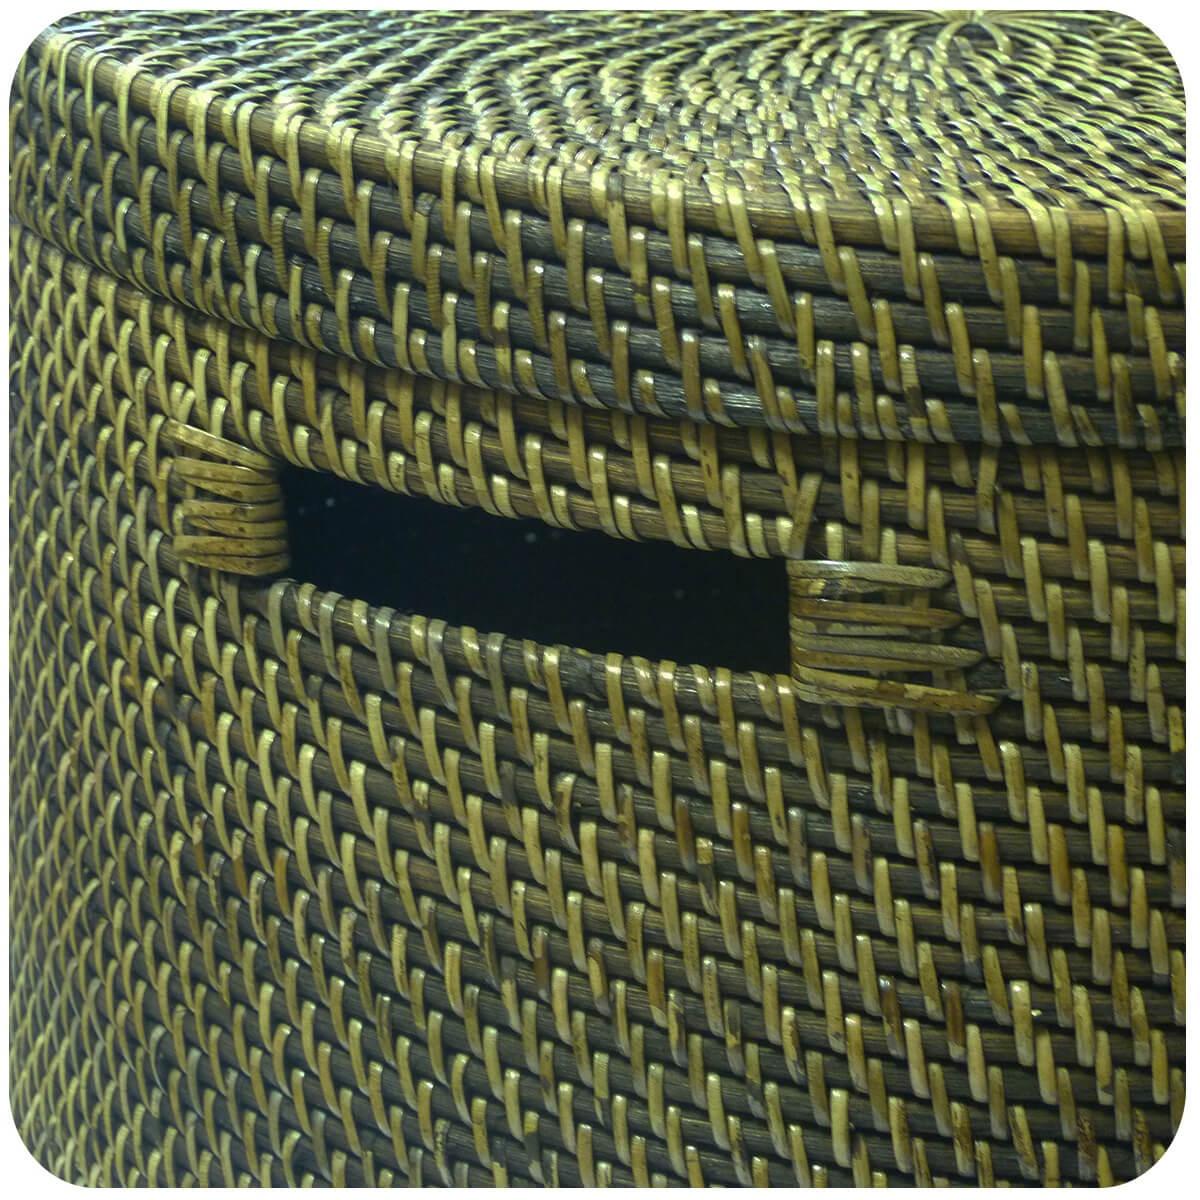 Wäschekorb Wäschebox mit Deckel 100% Ata Rattan Deko Unikate Aufbewahrungskorb eBay ~ 01163202_Wäschekorb Plastik Mit Deckel